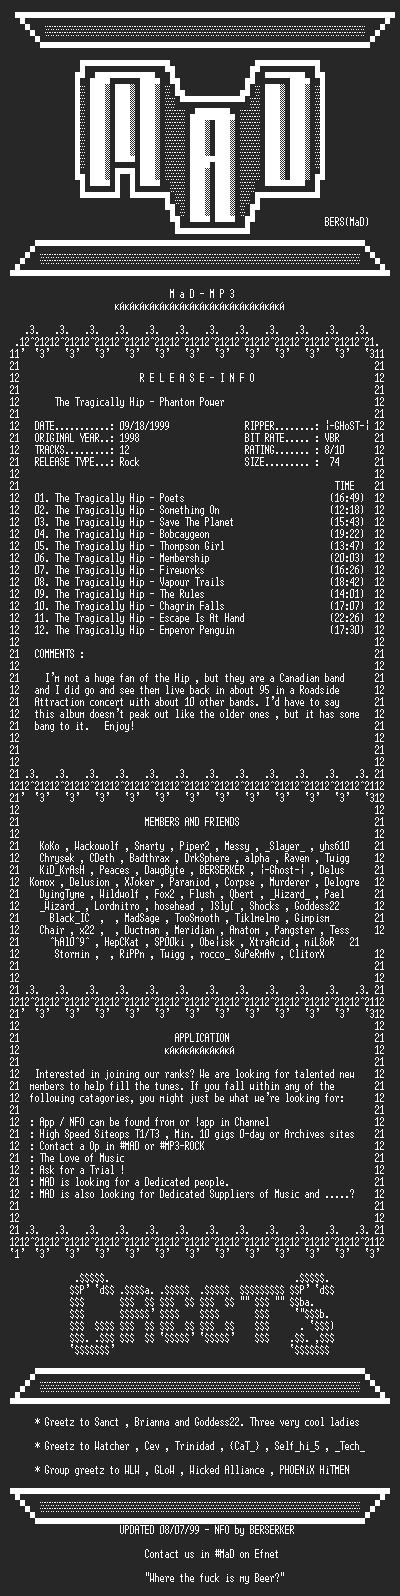 NFO file for The_Tragically_Hip_-_Phantom_Power_(1998)-MAD